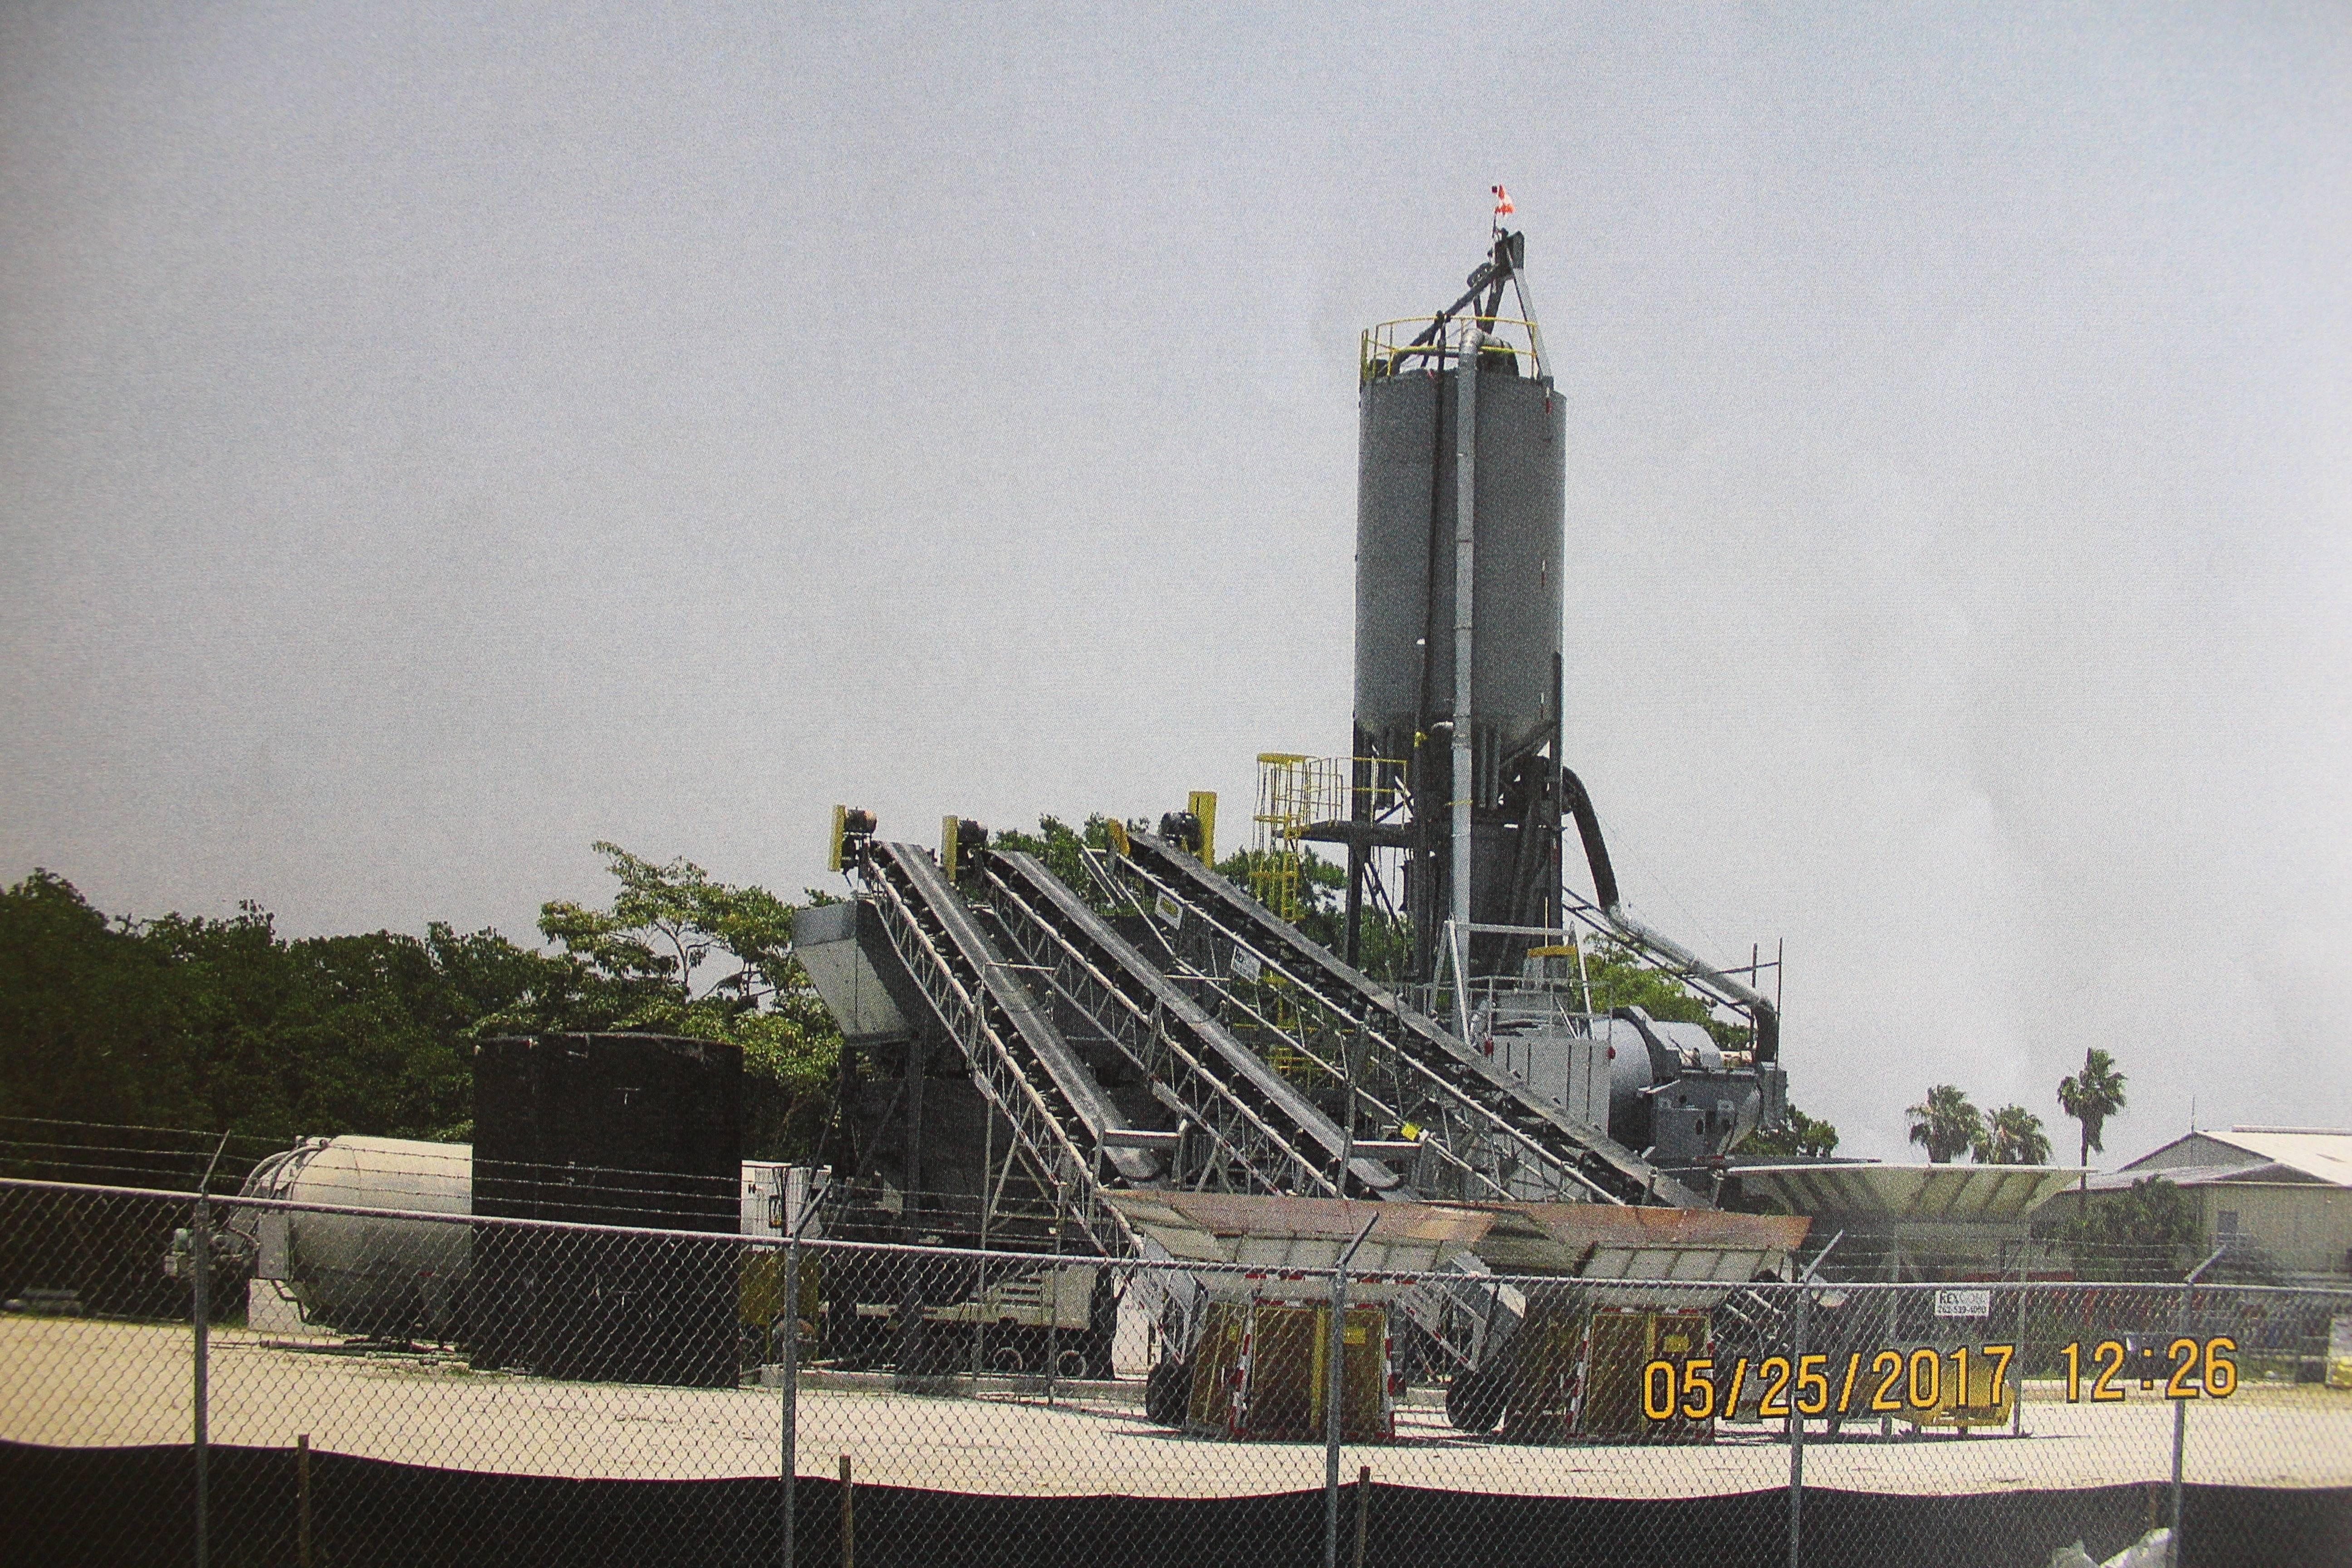 Imagen de la planta de hormigón instalada y levantada en los predios del aeropuerto, tomada el 25 de mayo de 2017. / Suministrada